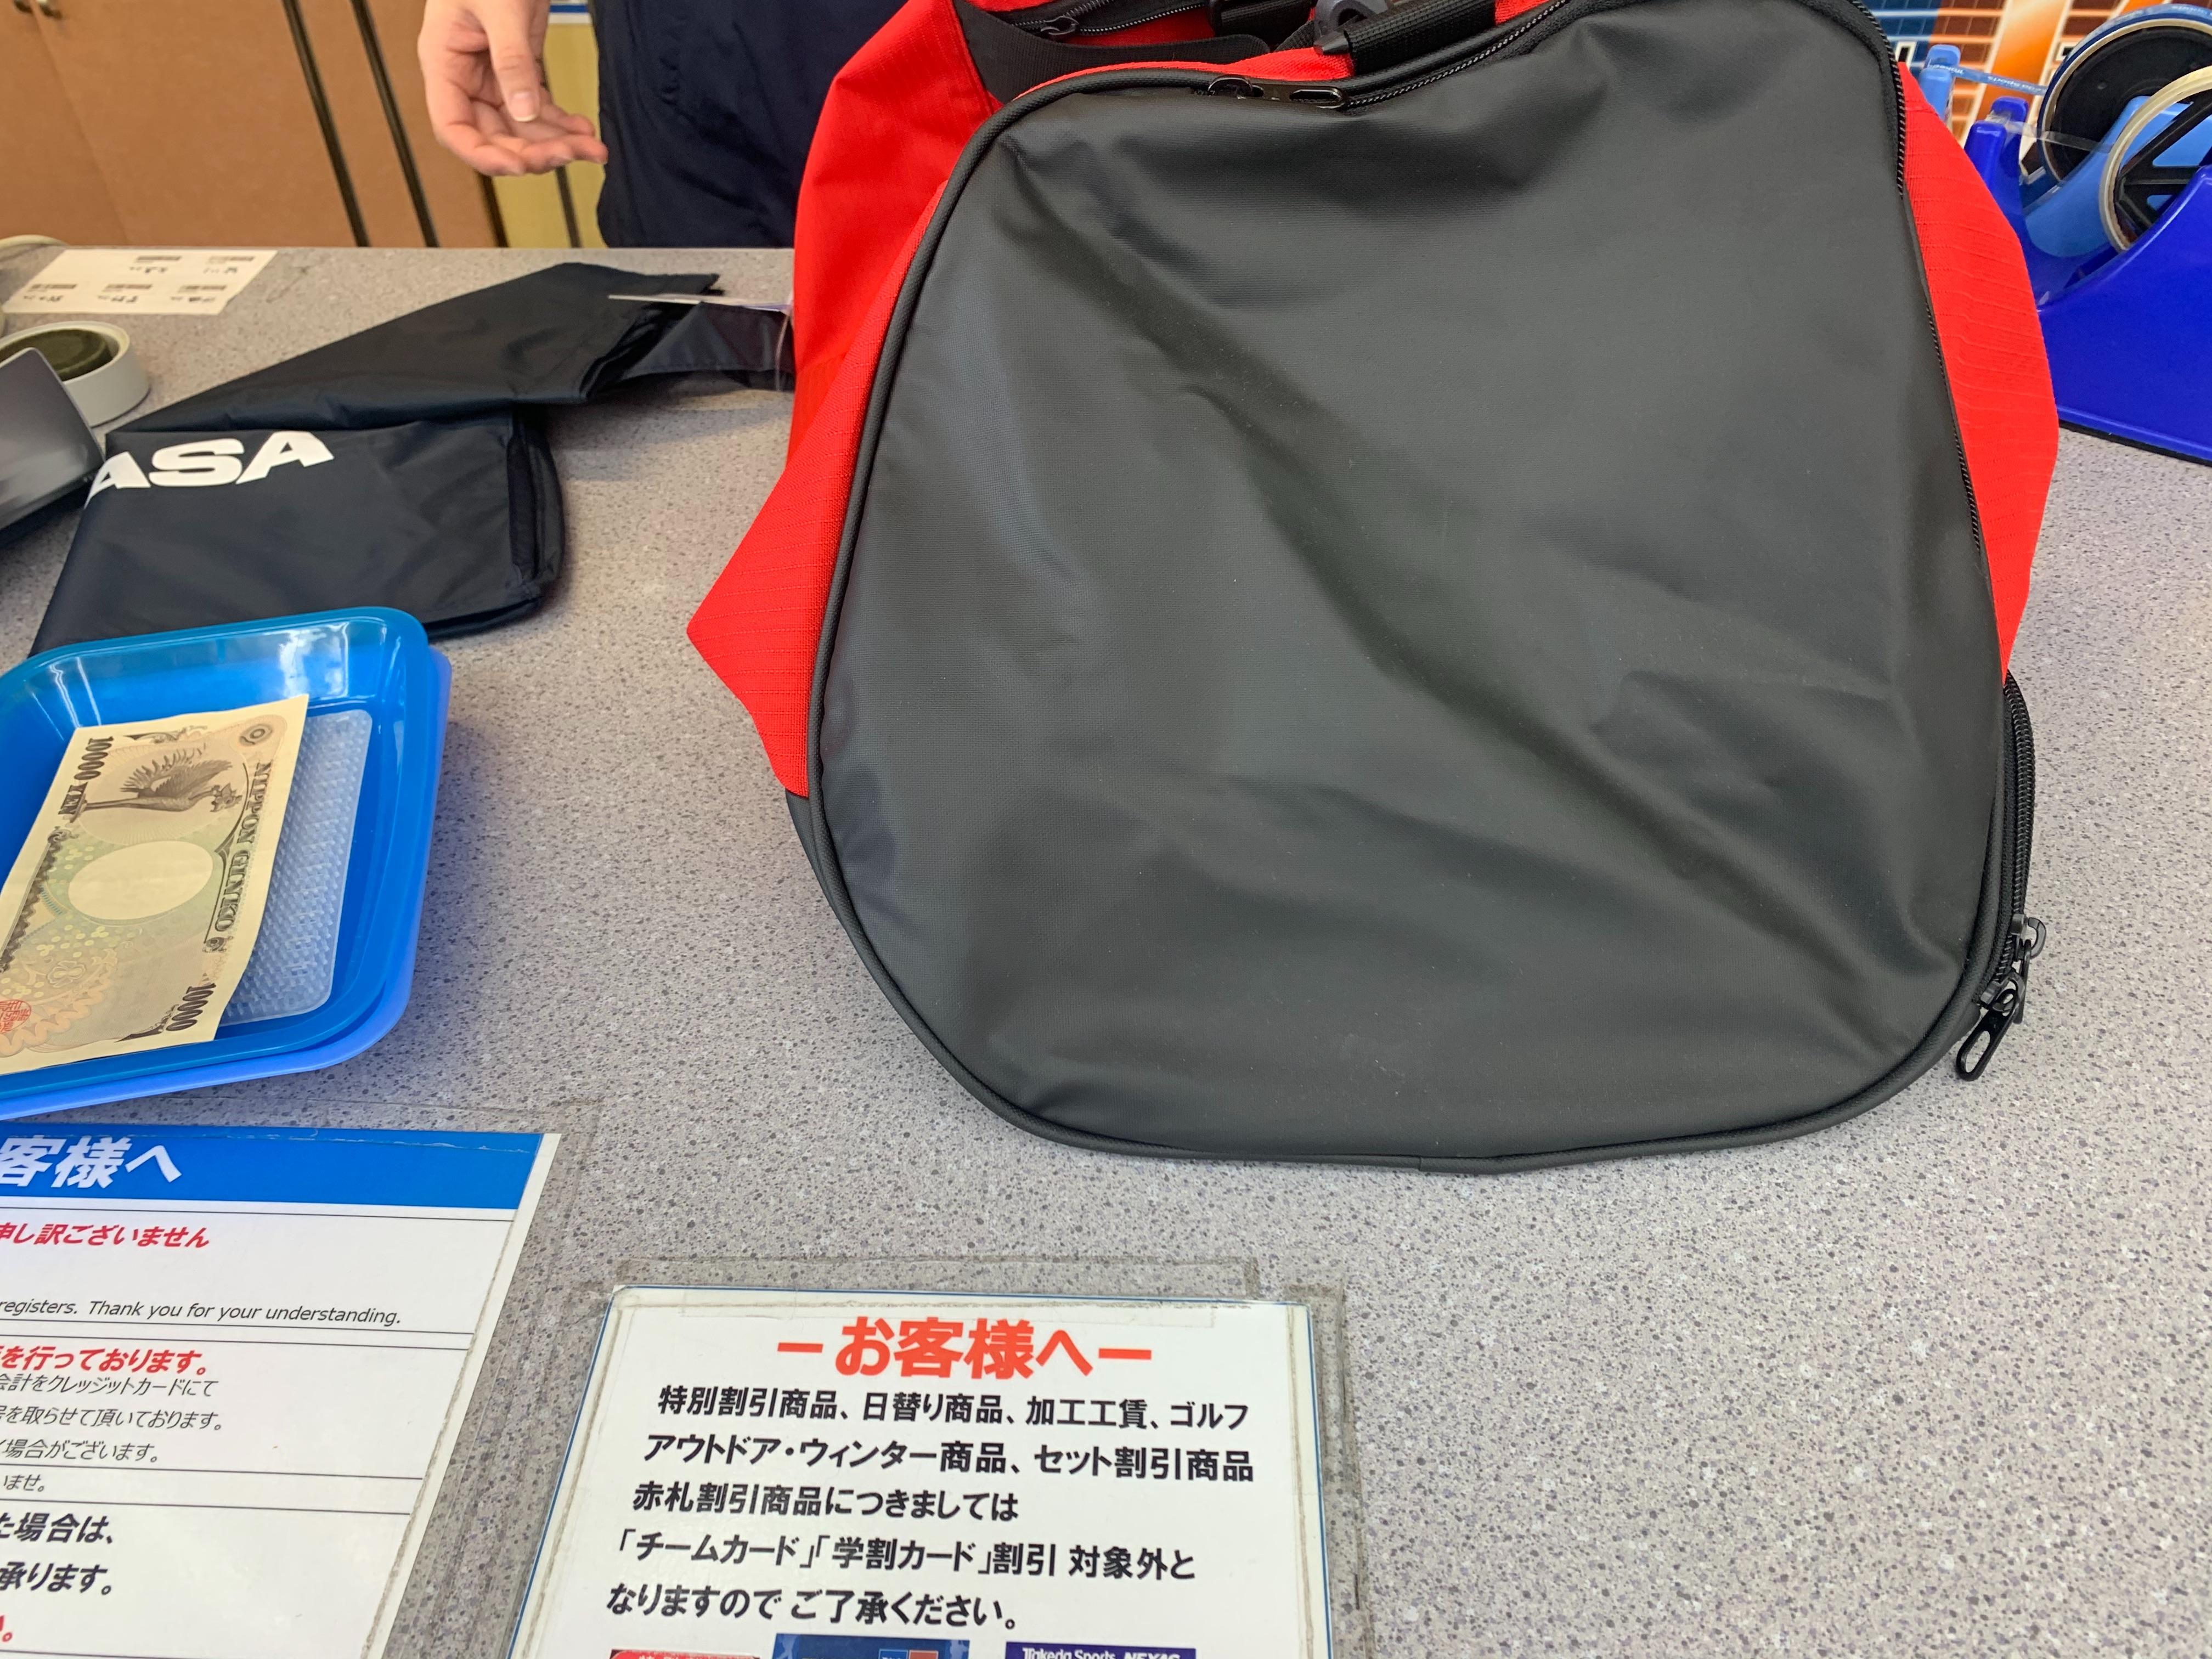 f:id:Chikubishin:20210215083937j:image